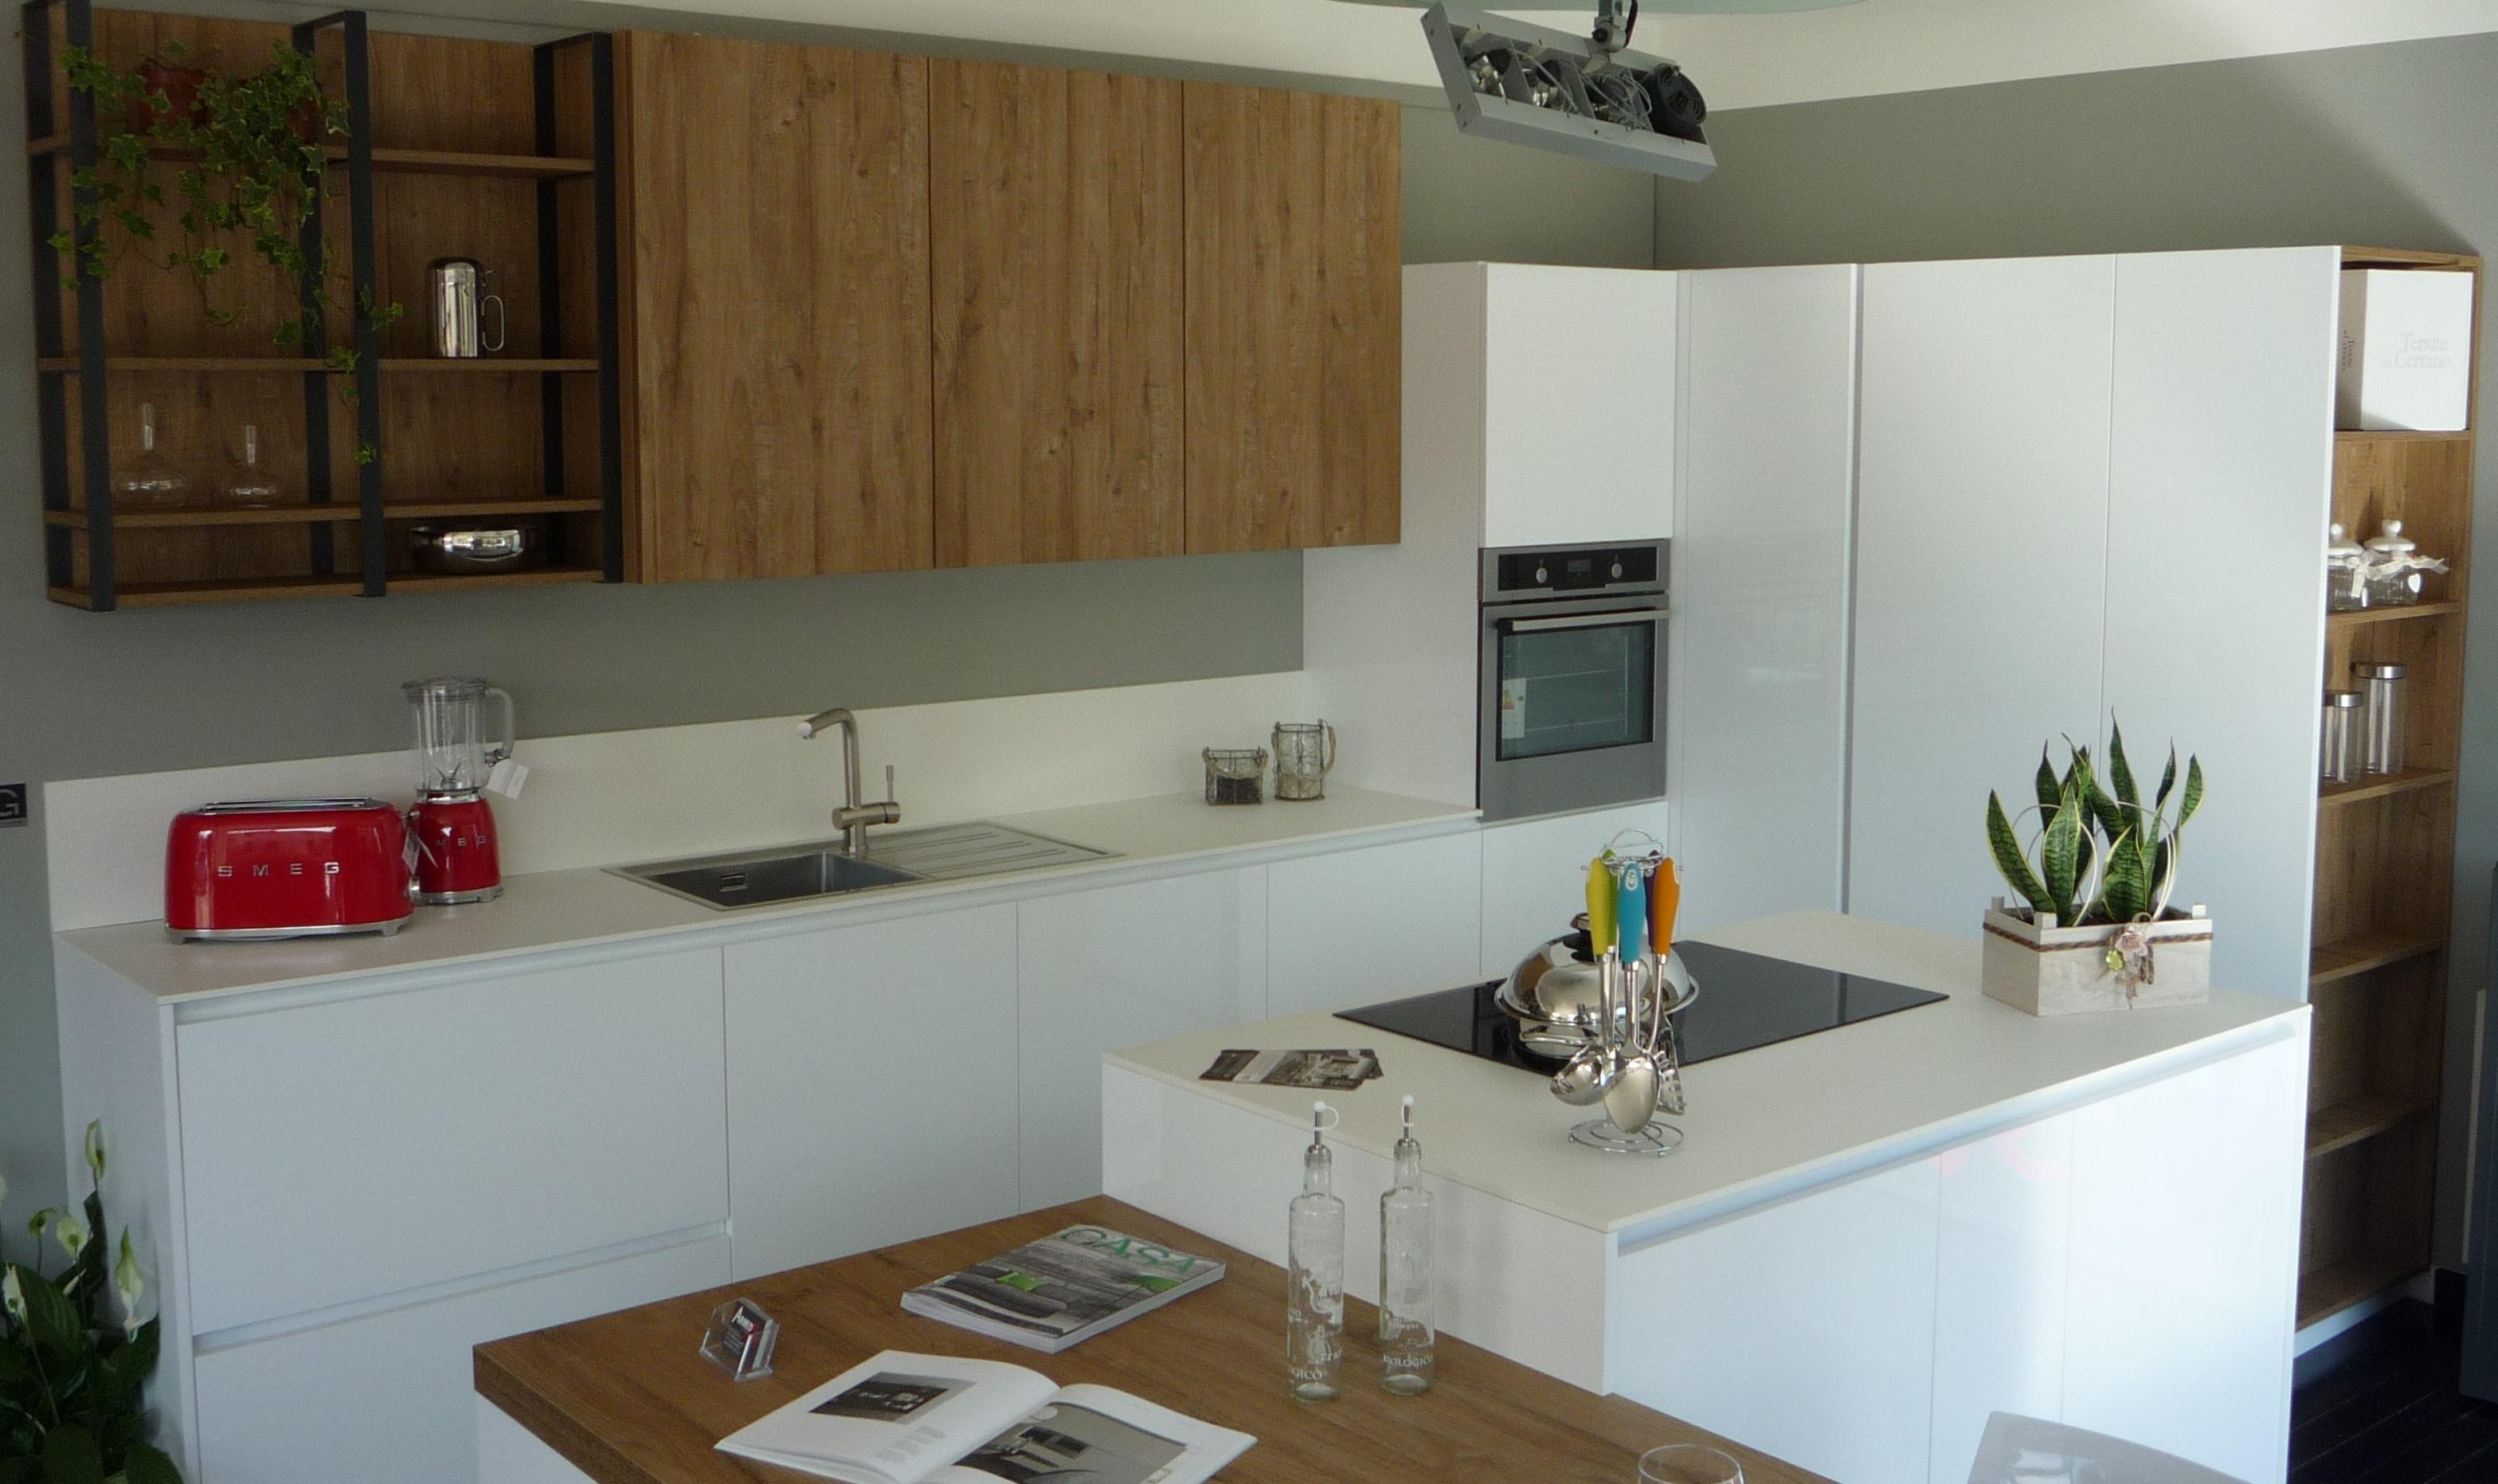 Cucina con isola Gentili scontata del 62% per rinnovo mostra. - Cucine a prez...